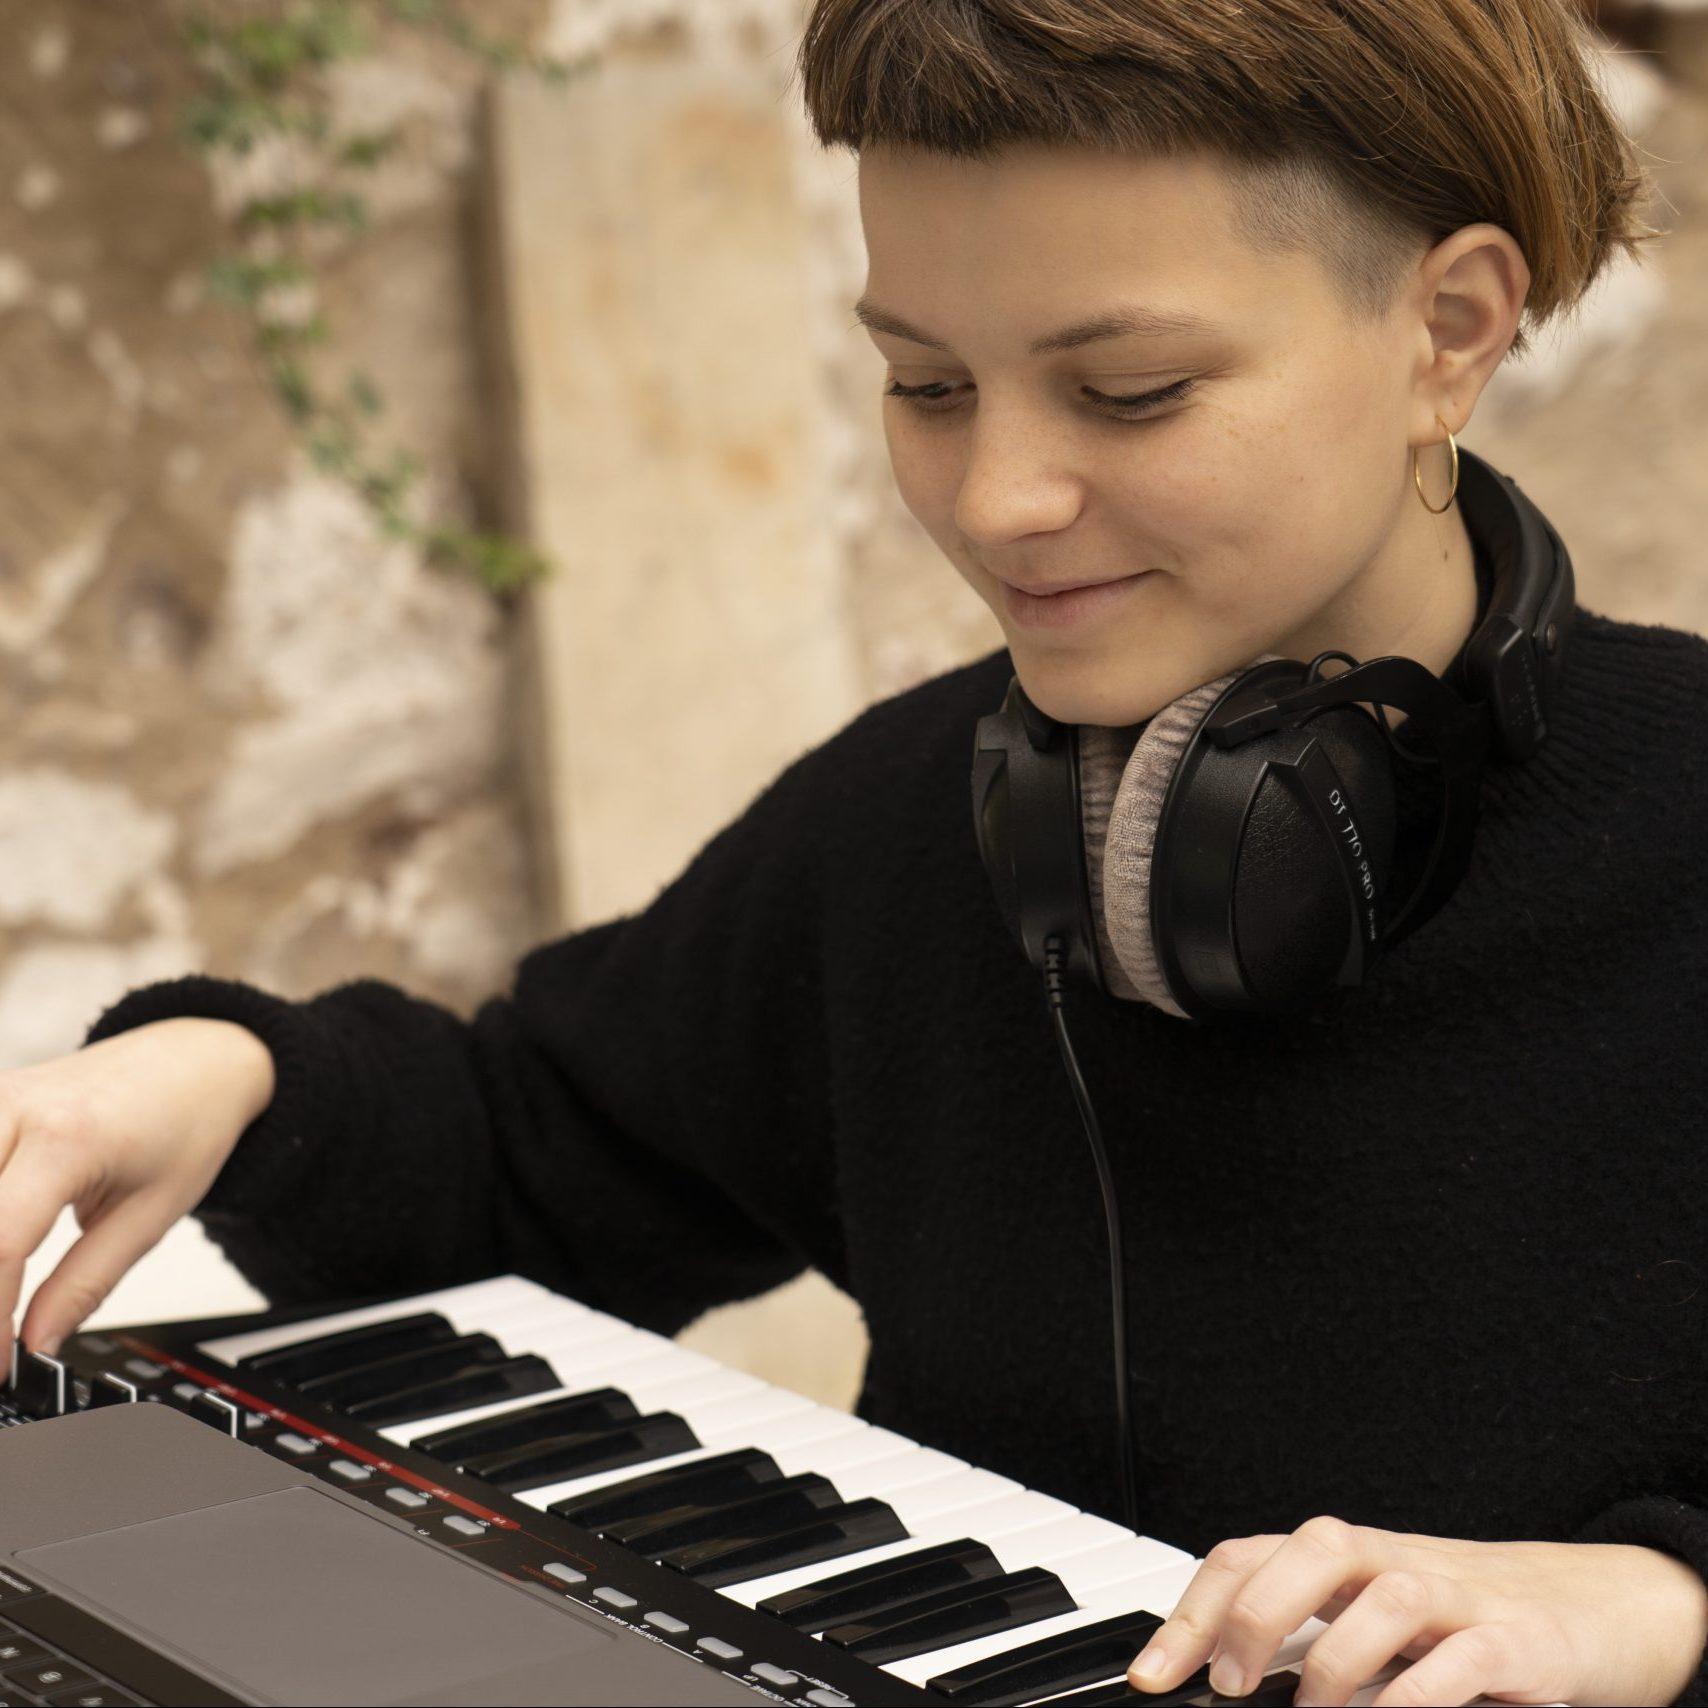 Alice Boyd playing a keyboard